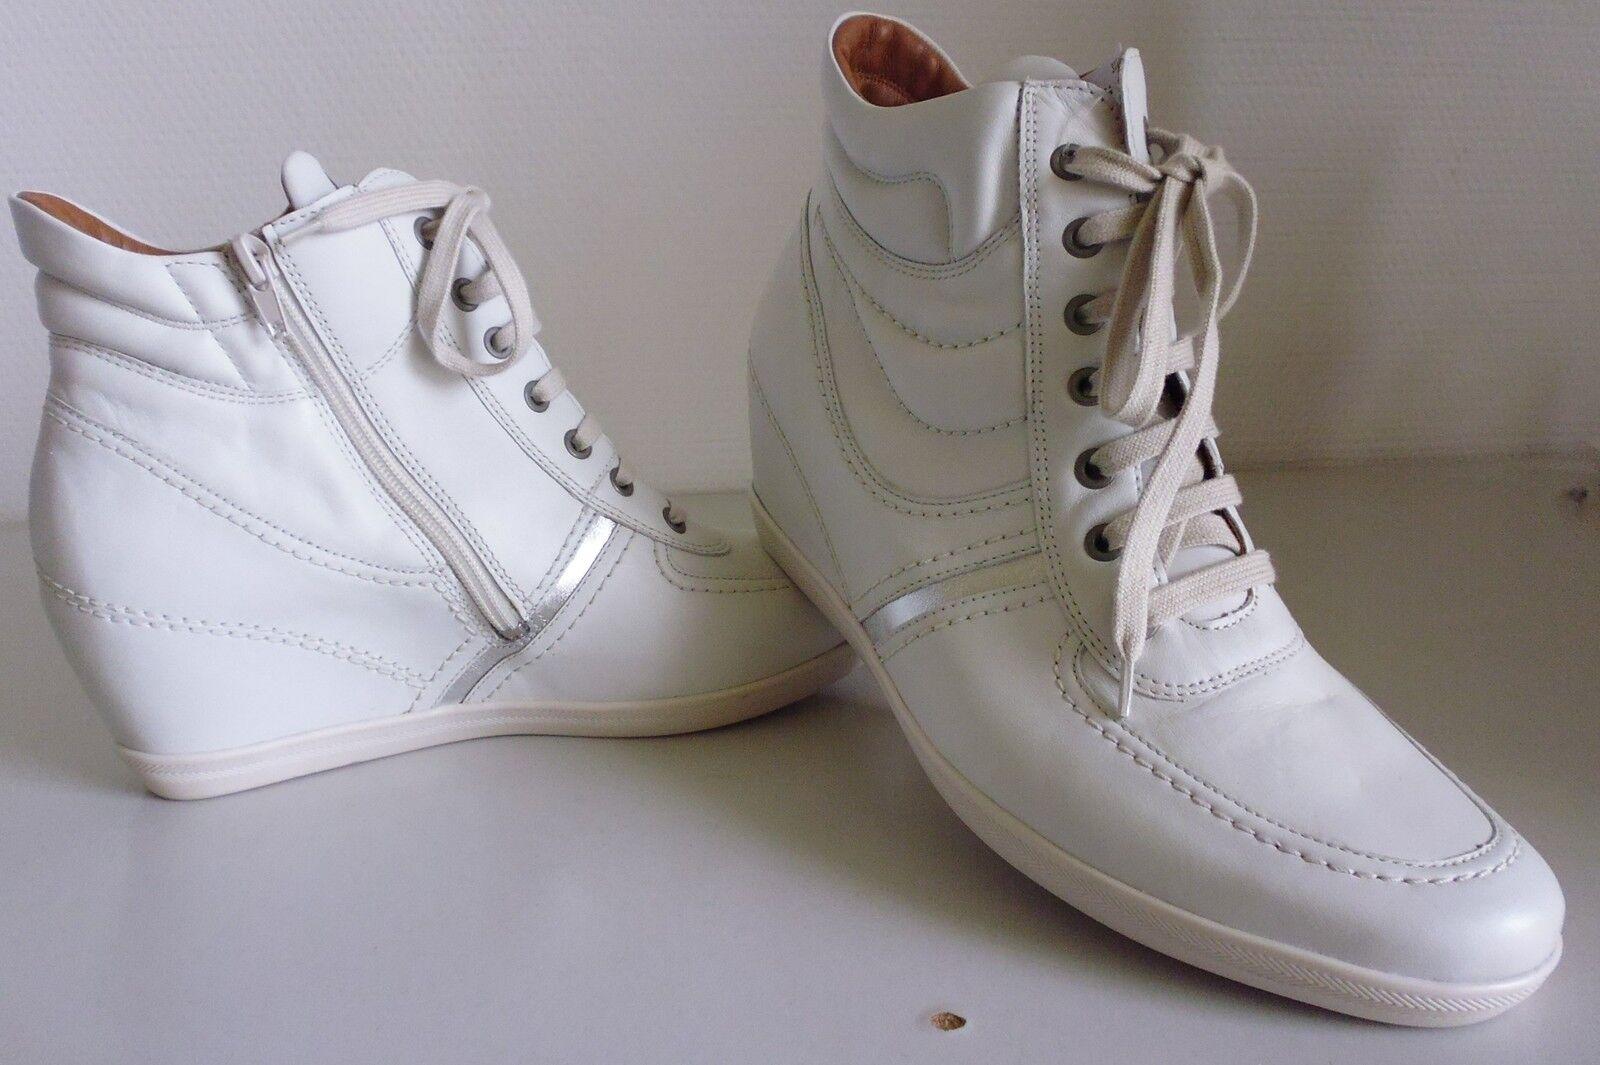 Zapatos cordones botines de cuero ara /42,5 ancho H